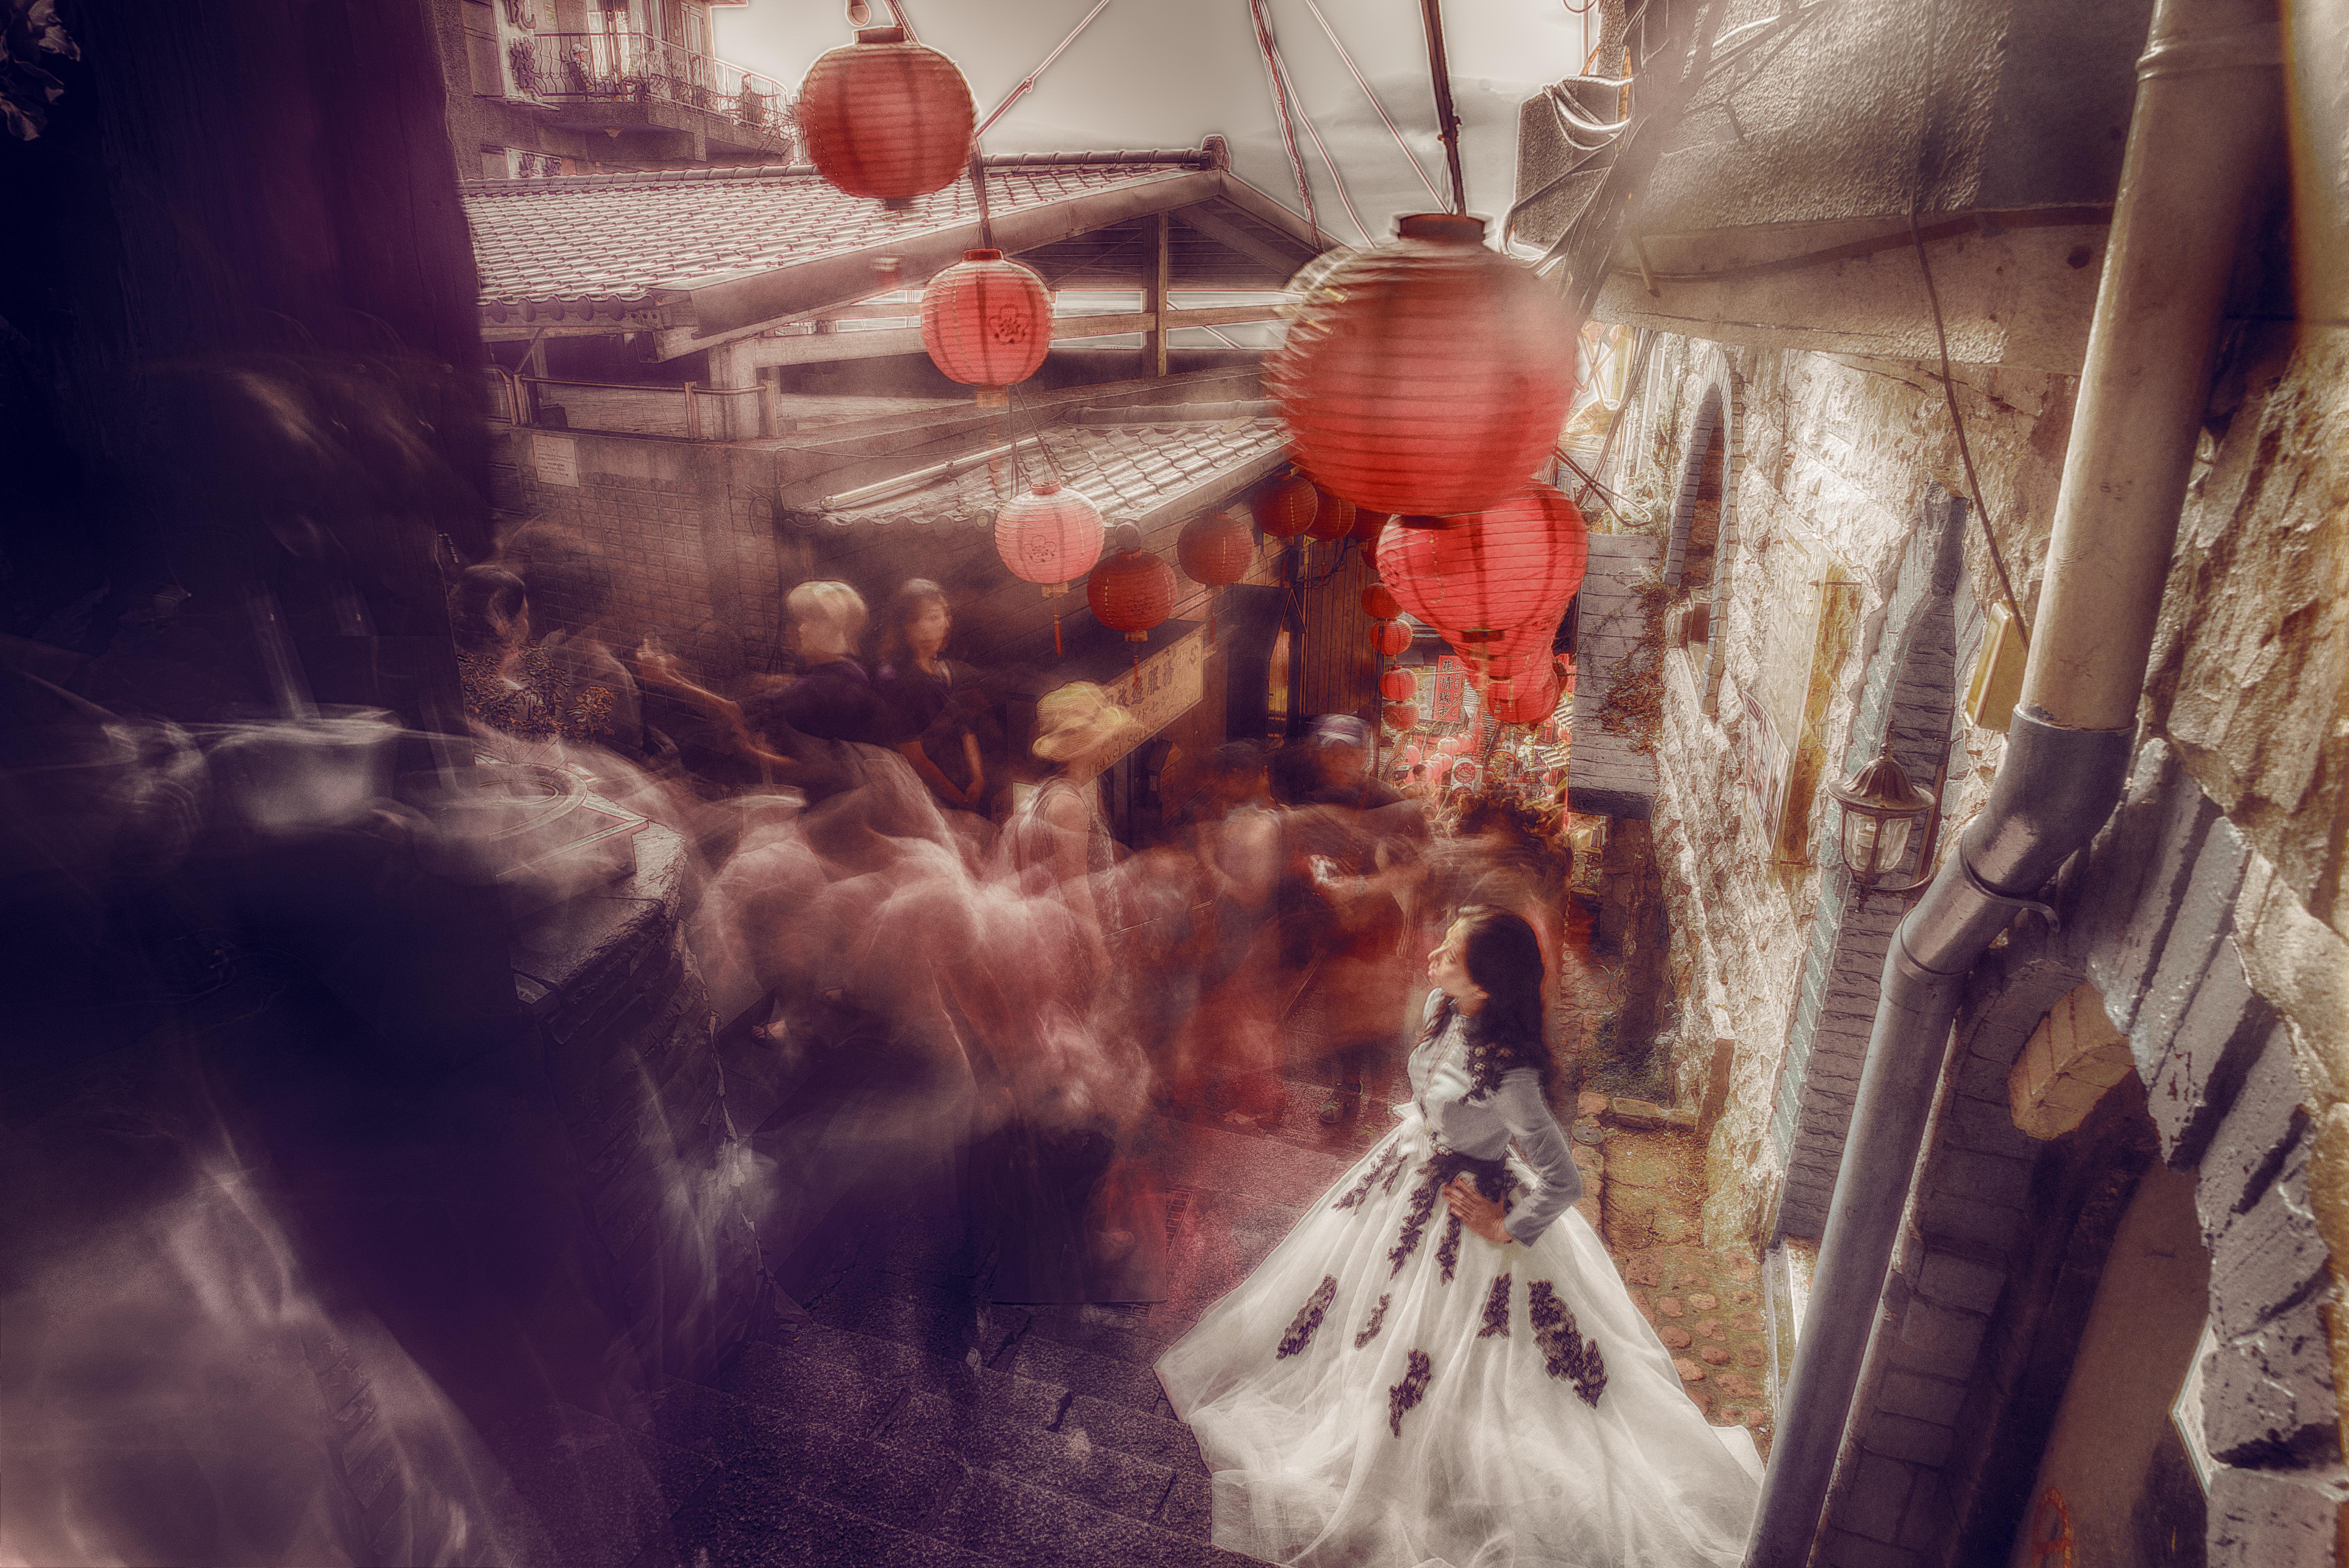 台灣超美婚紗景,東北角斷涯婚紗,台灣絕美婚紗拍攝,台灣婚紗攝影